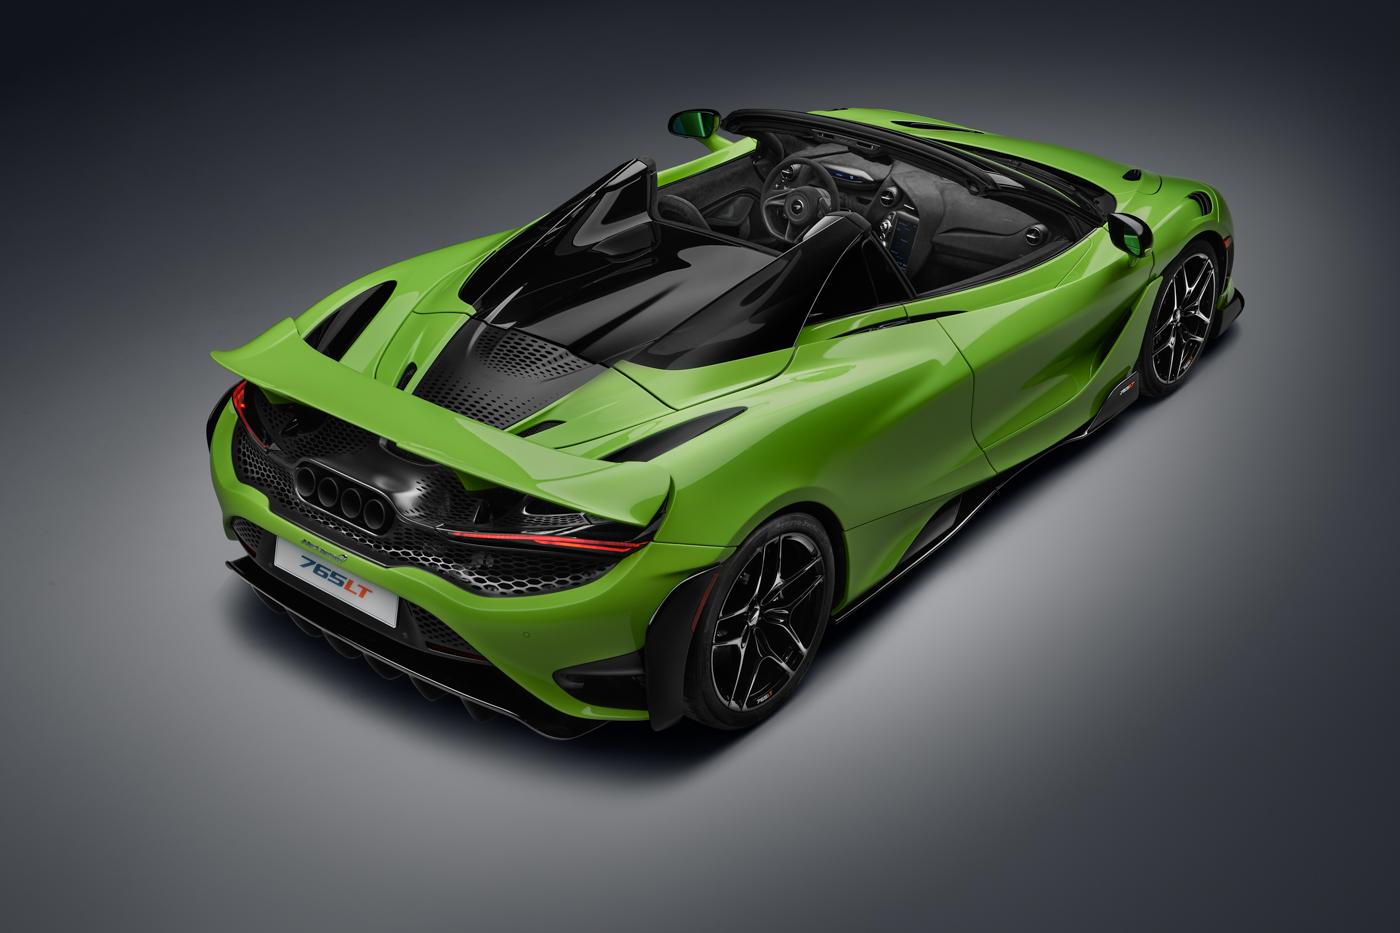 McLaren-765-LT-Spider-siêu-xe-mui-trần-hiệu-năng-cao-dẫn-đầu-phân-khúc-35.jpg